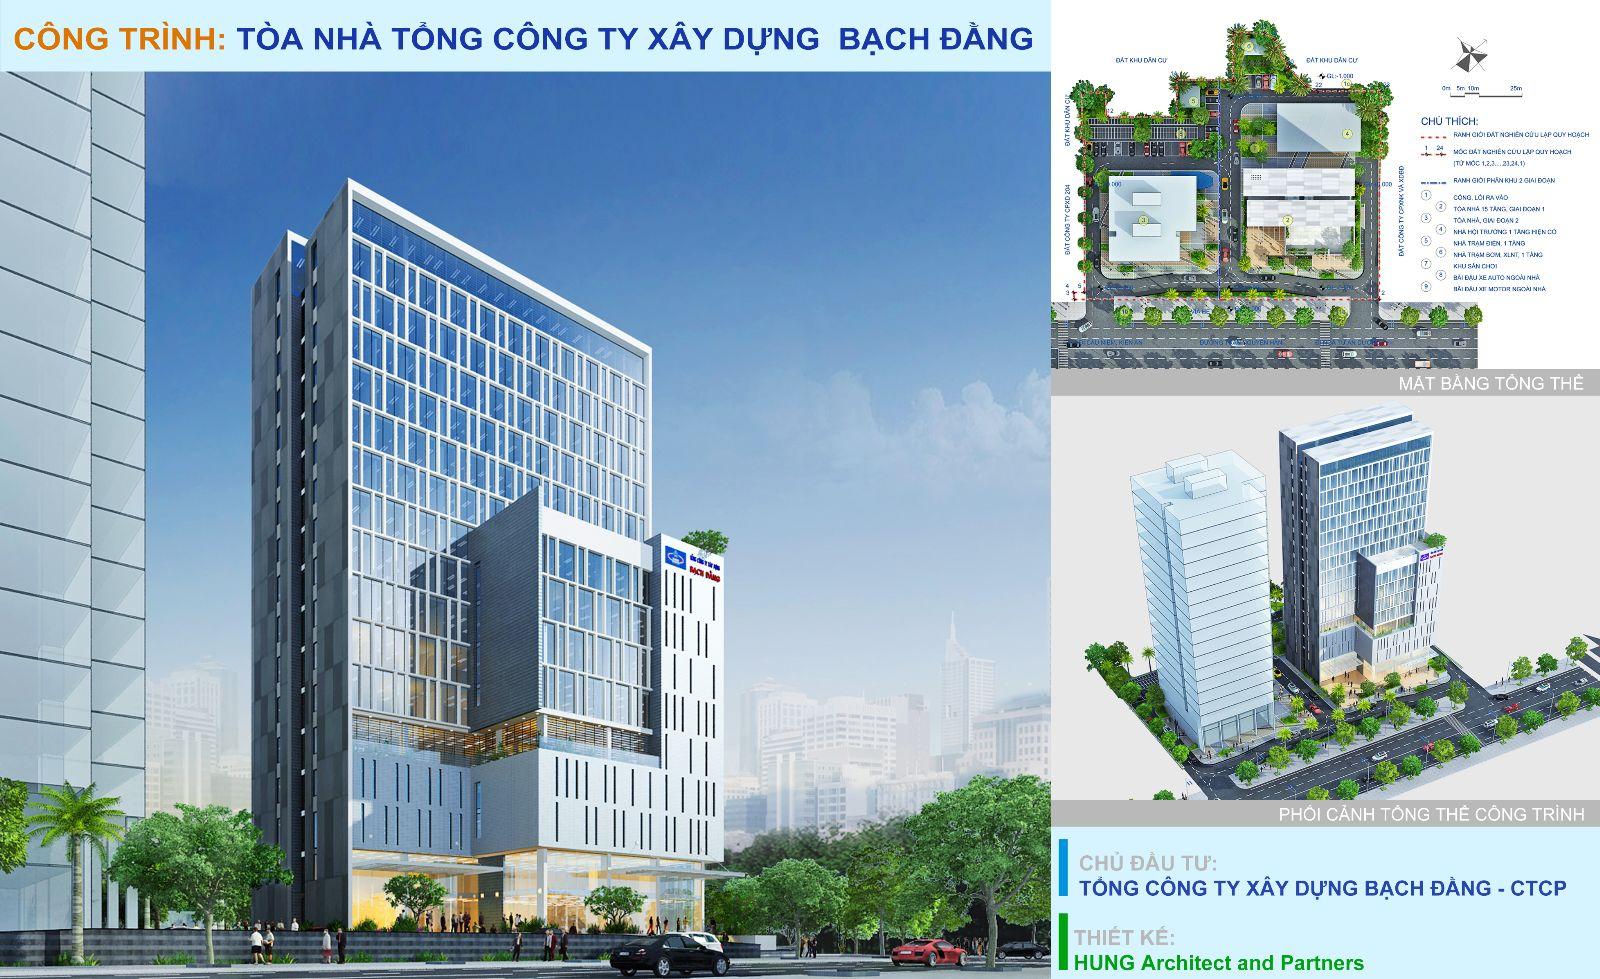 Dự án Tòa nhà Tổng công ty Xây dựng Bạch Đằng